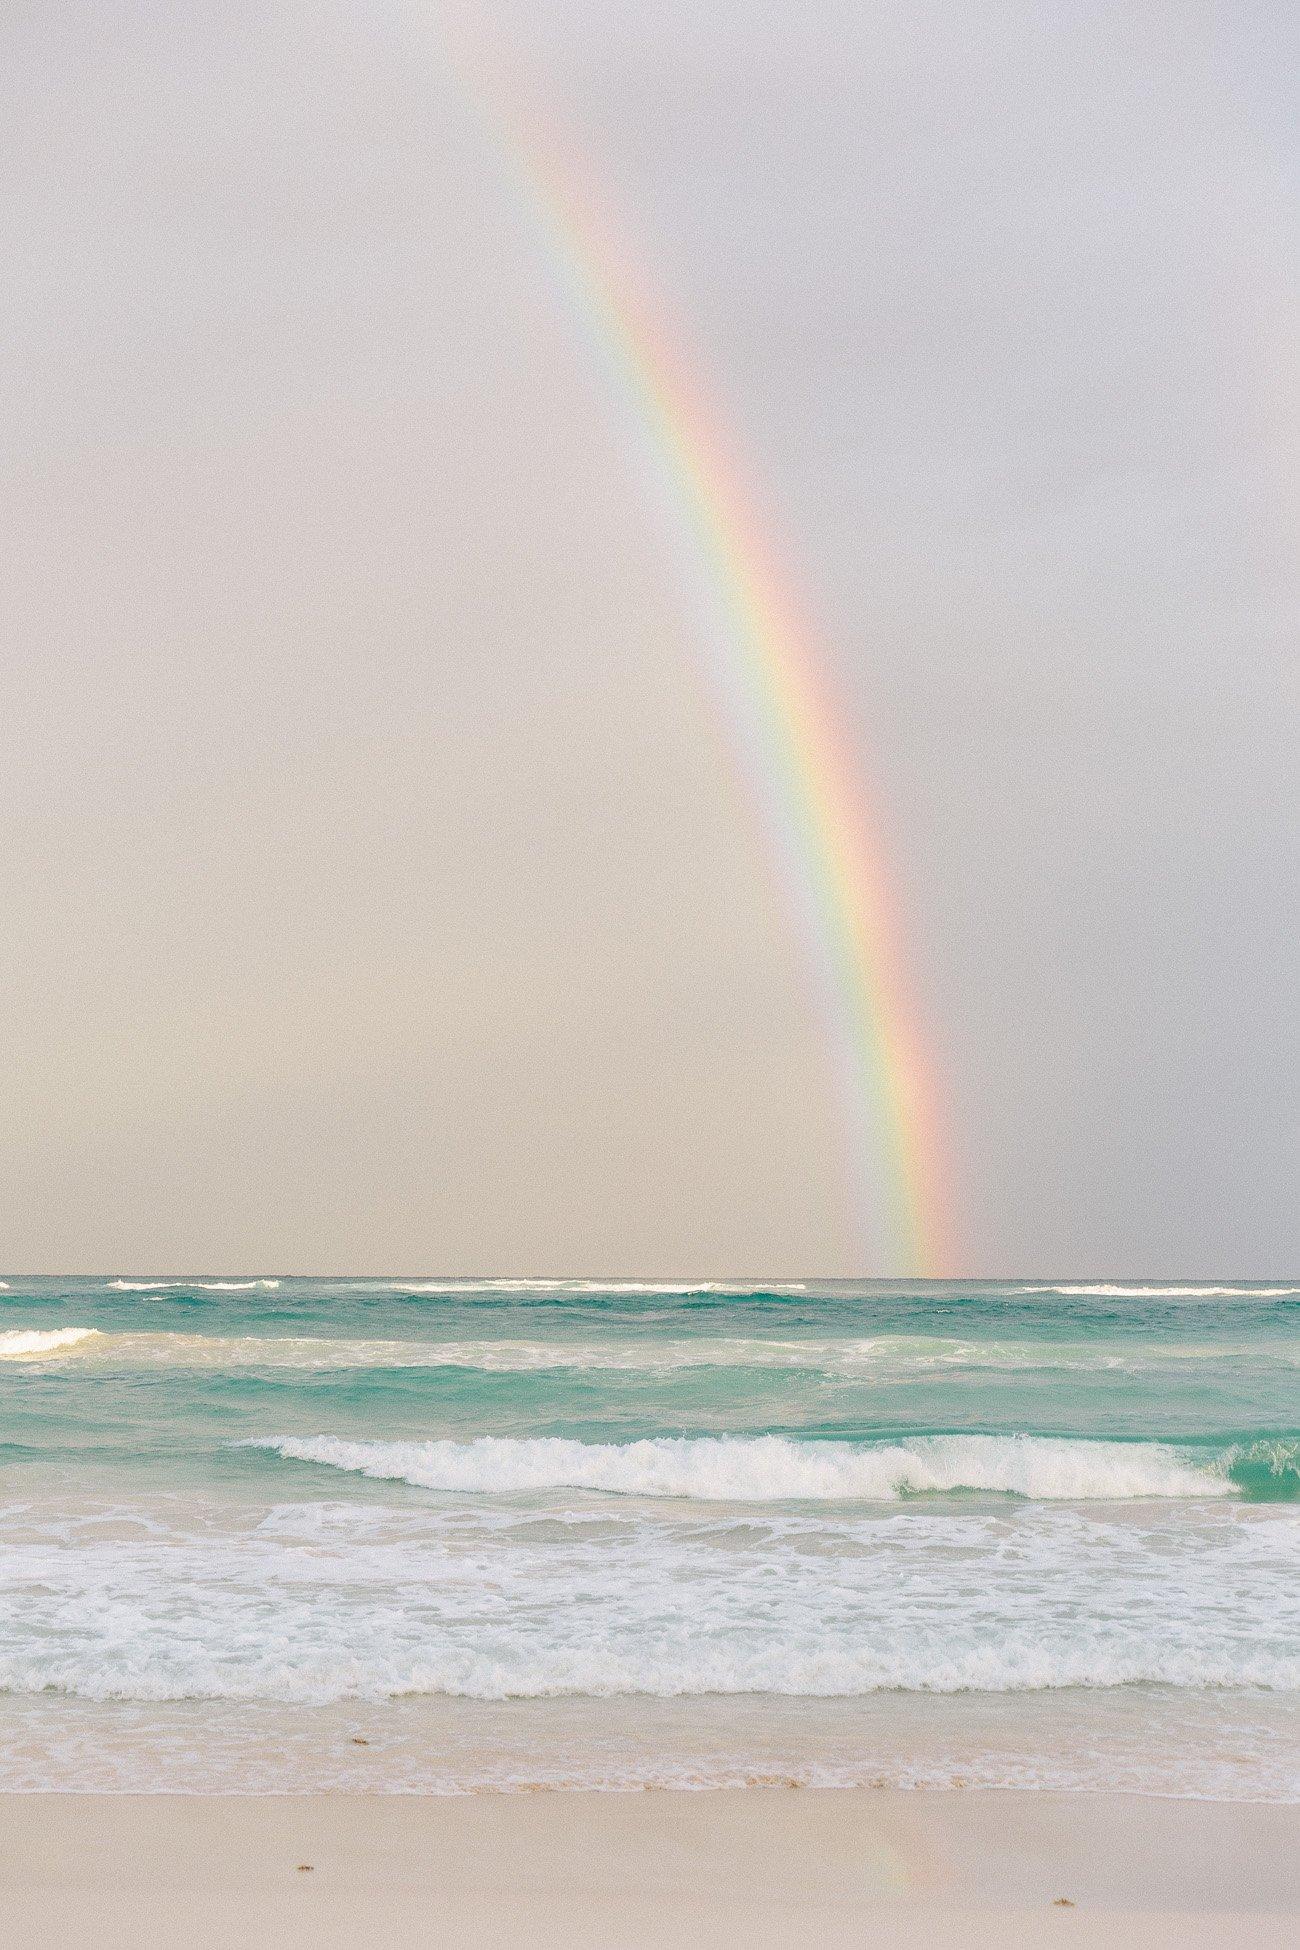 Rainbow in Tulum, Mexico